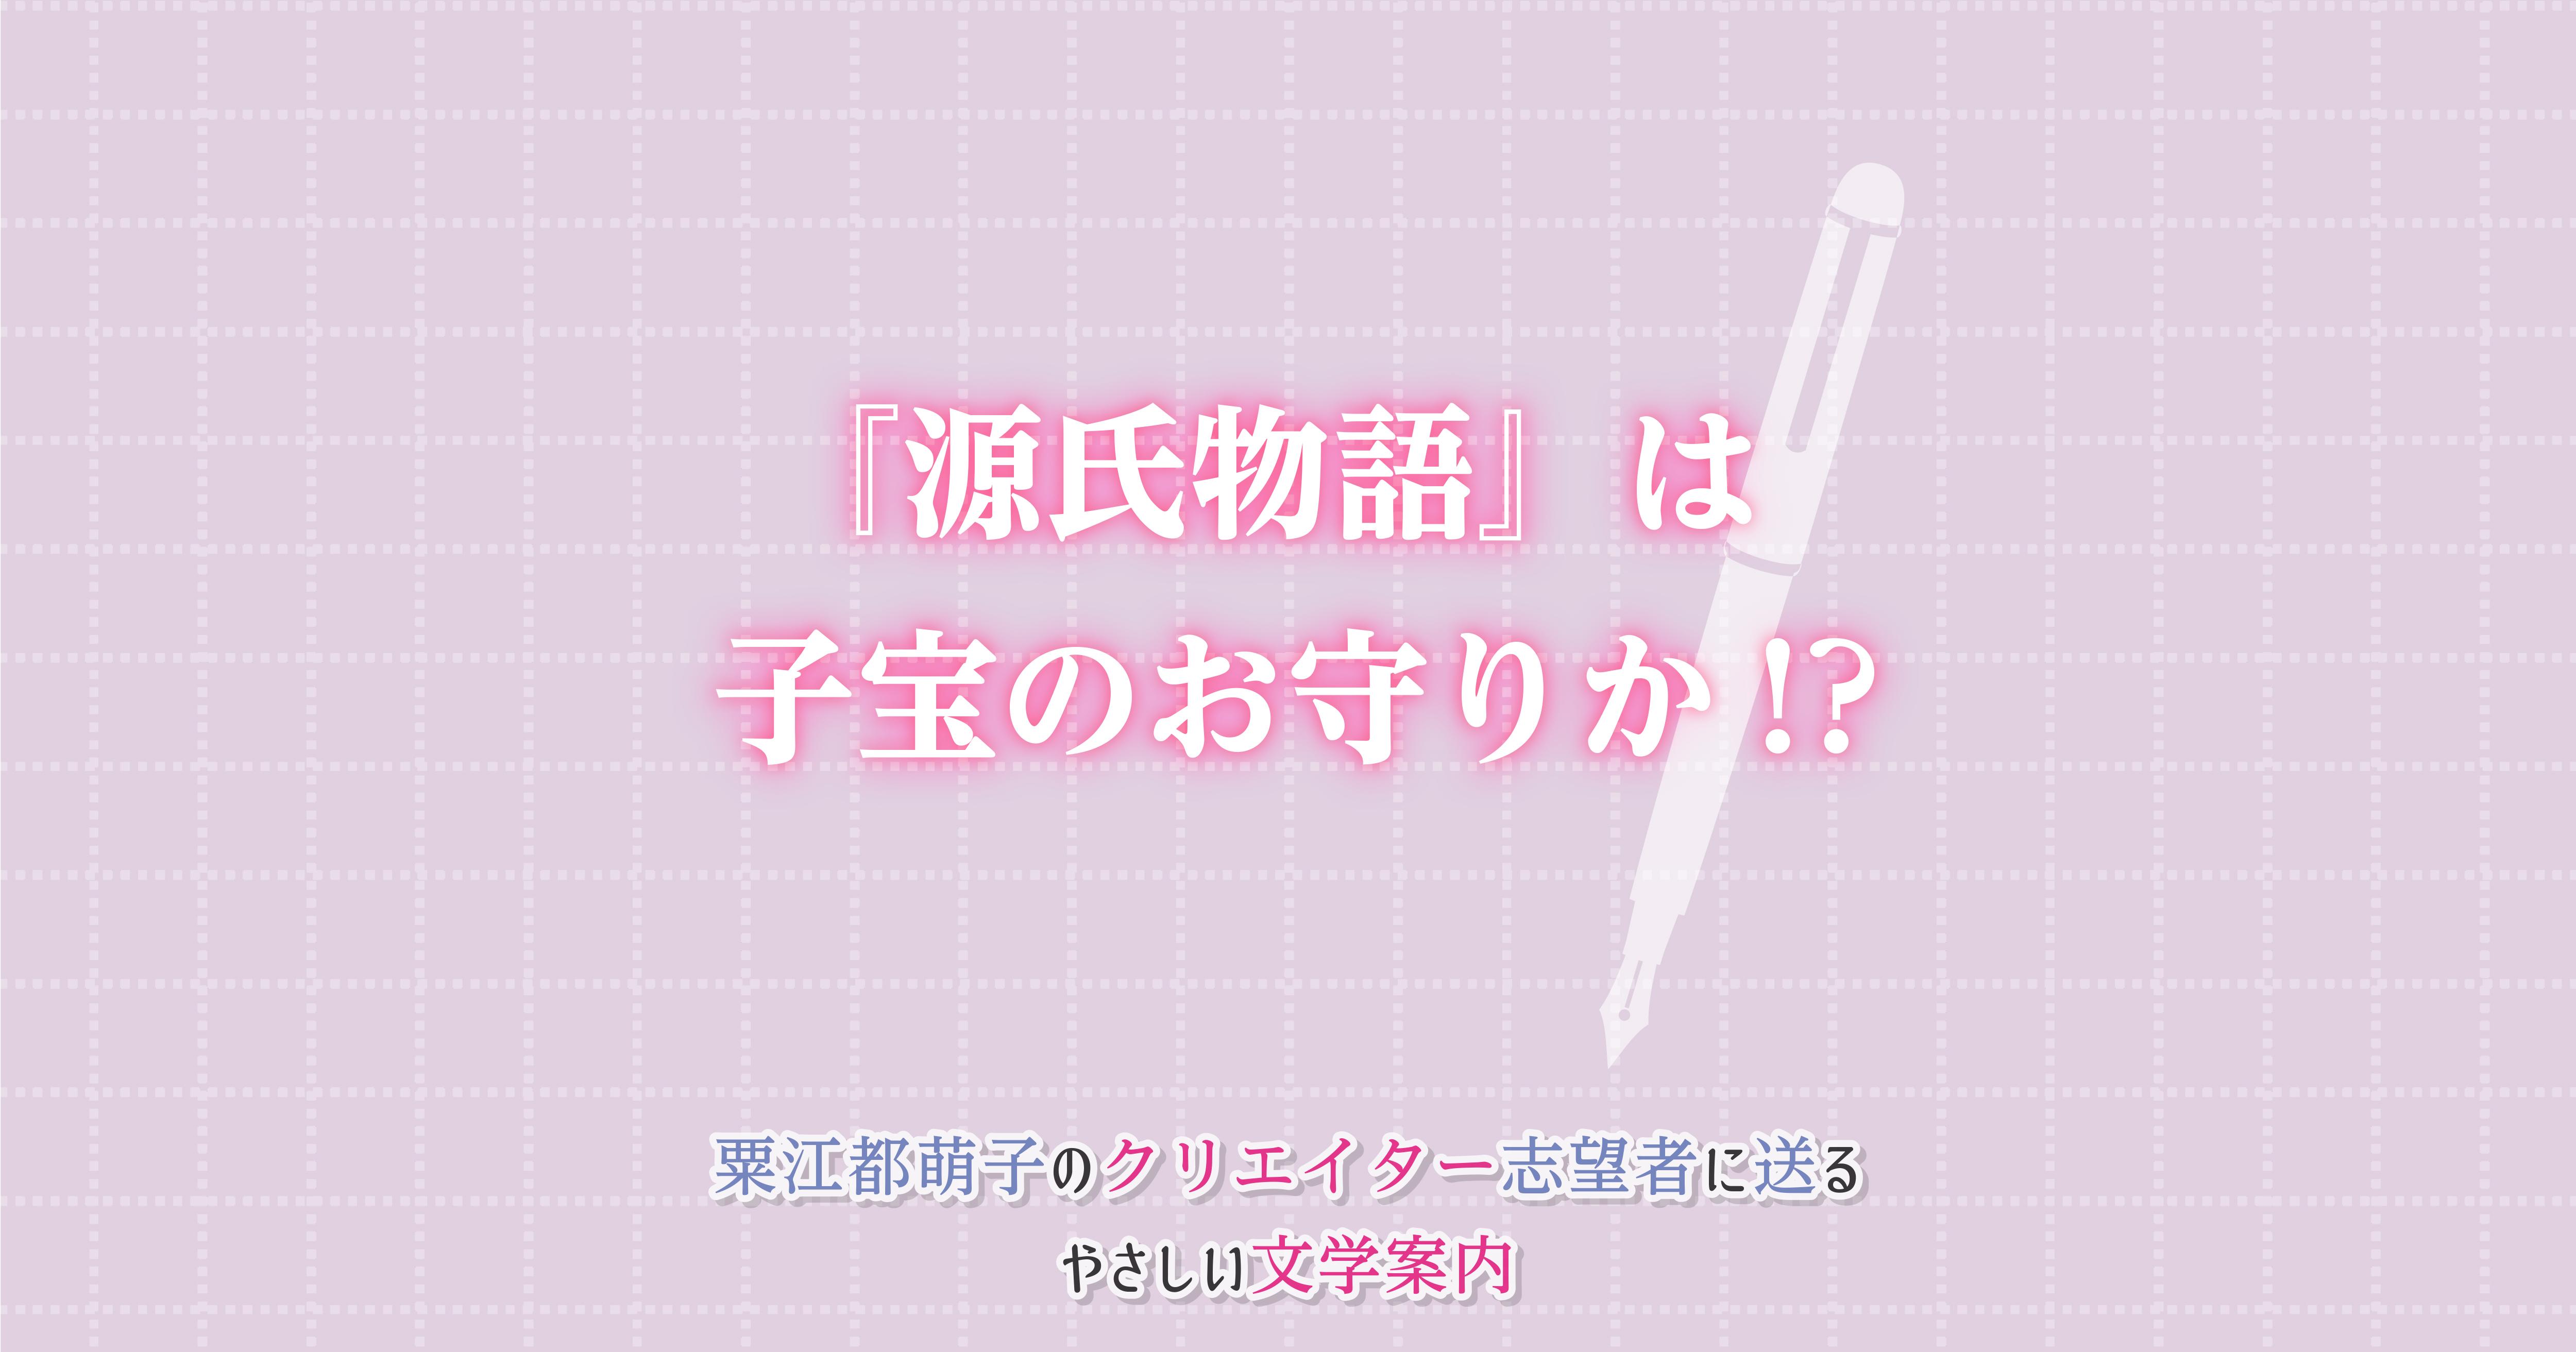 現代 訳 秋 語 の 須磨 物語 源氏